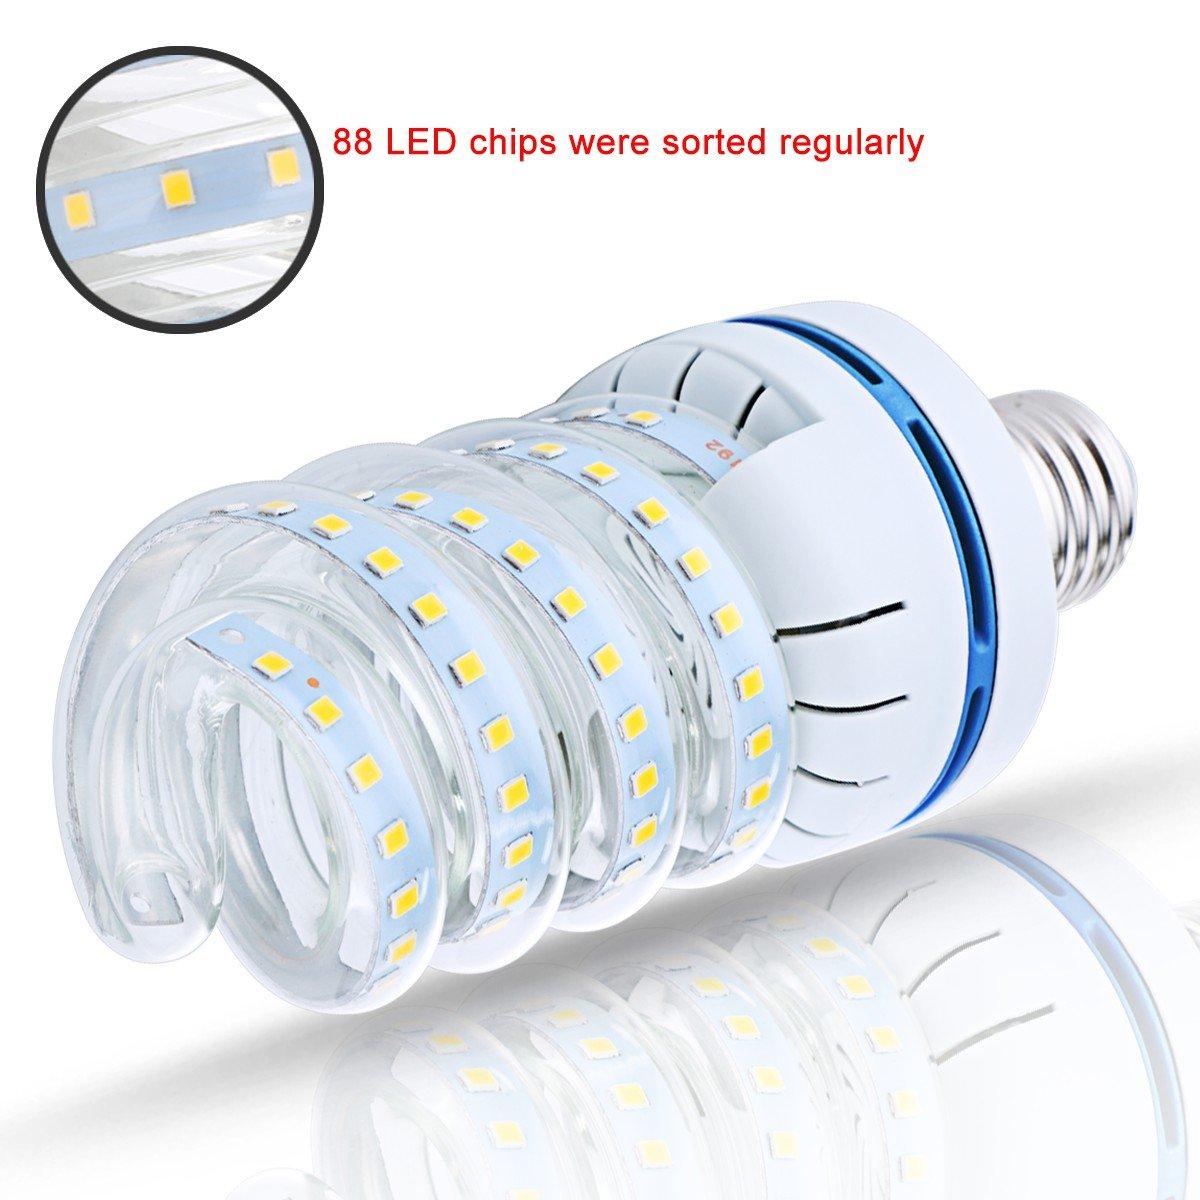 Pack of 2 6000K Cool White E26 Spiral Fluorescent Light Bulb 120W Equivalent Perfect for Household Lighting LEHASI CFL LED Bulbs 16W Dining Room Light 1520 Lumen E26 Medium Base CFL LED